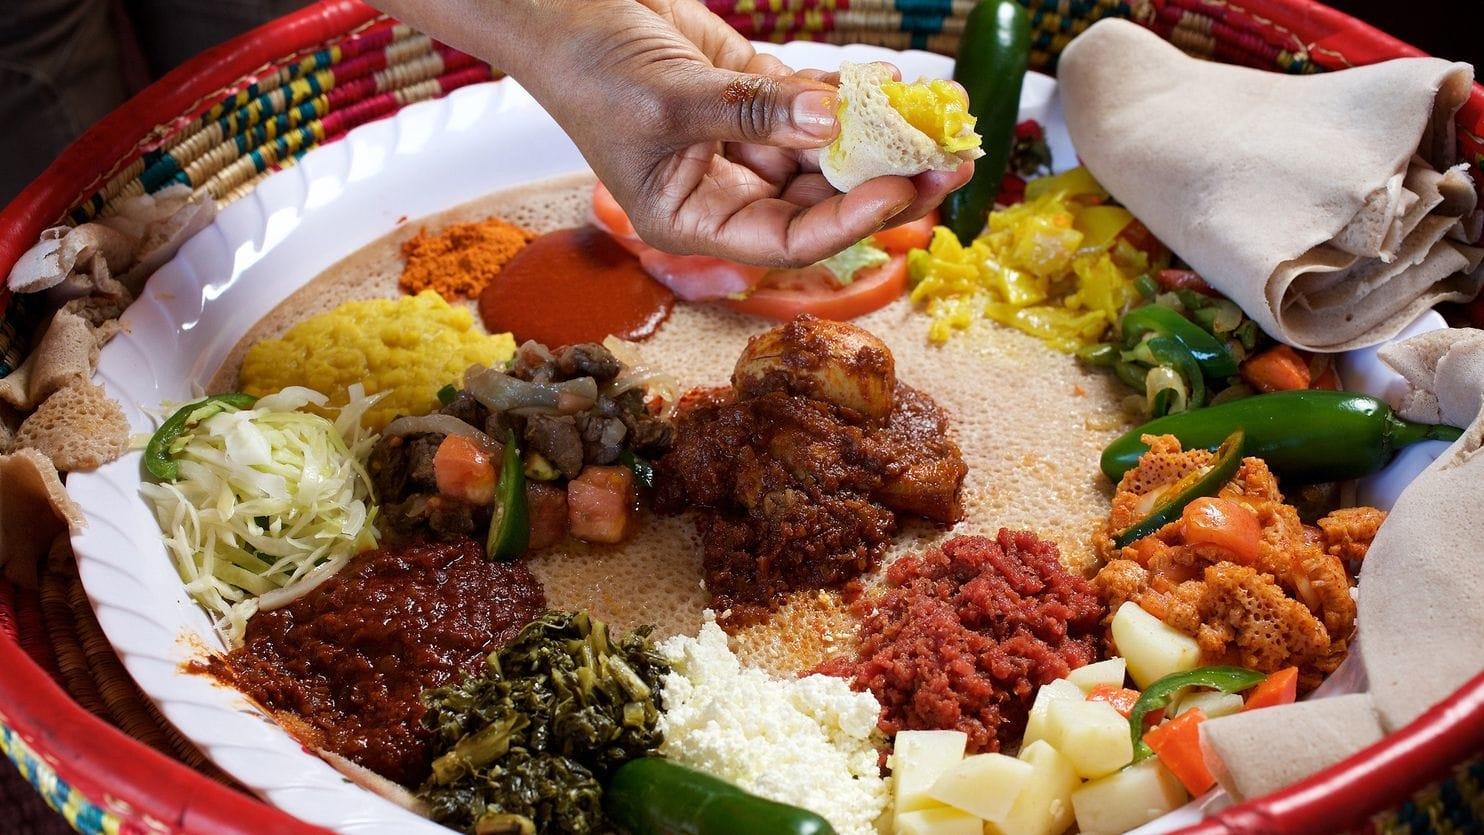 Bật mí những quốc gia có ẩm thực đặc sắc ít ai ngờ đến